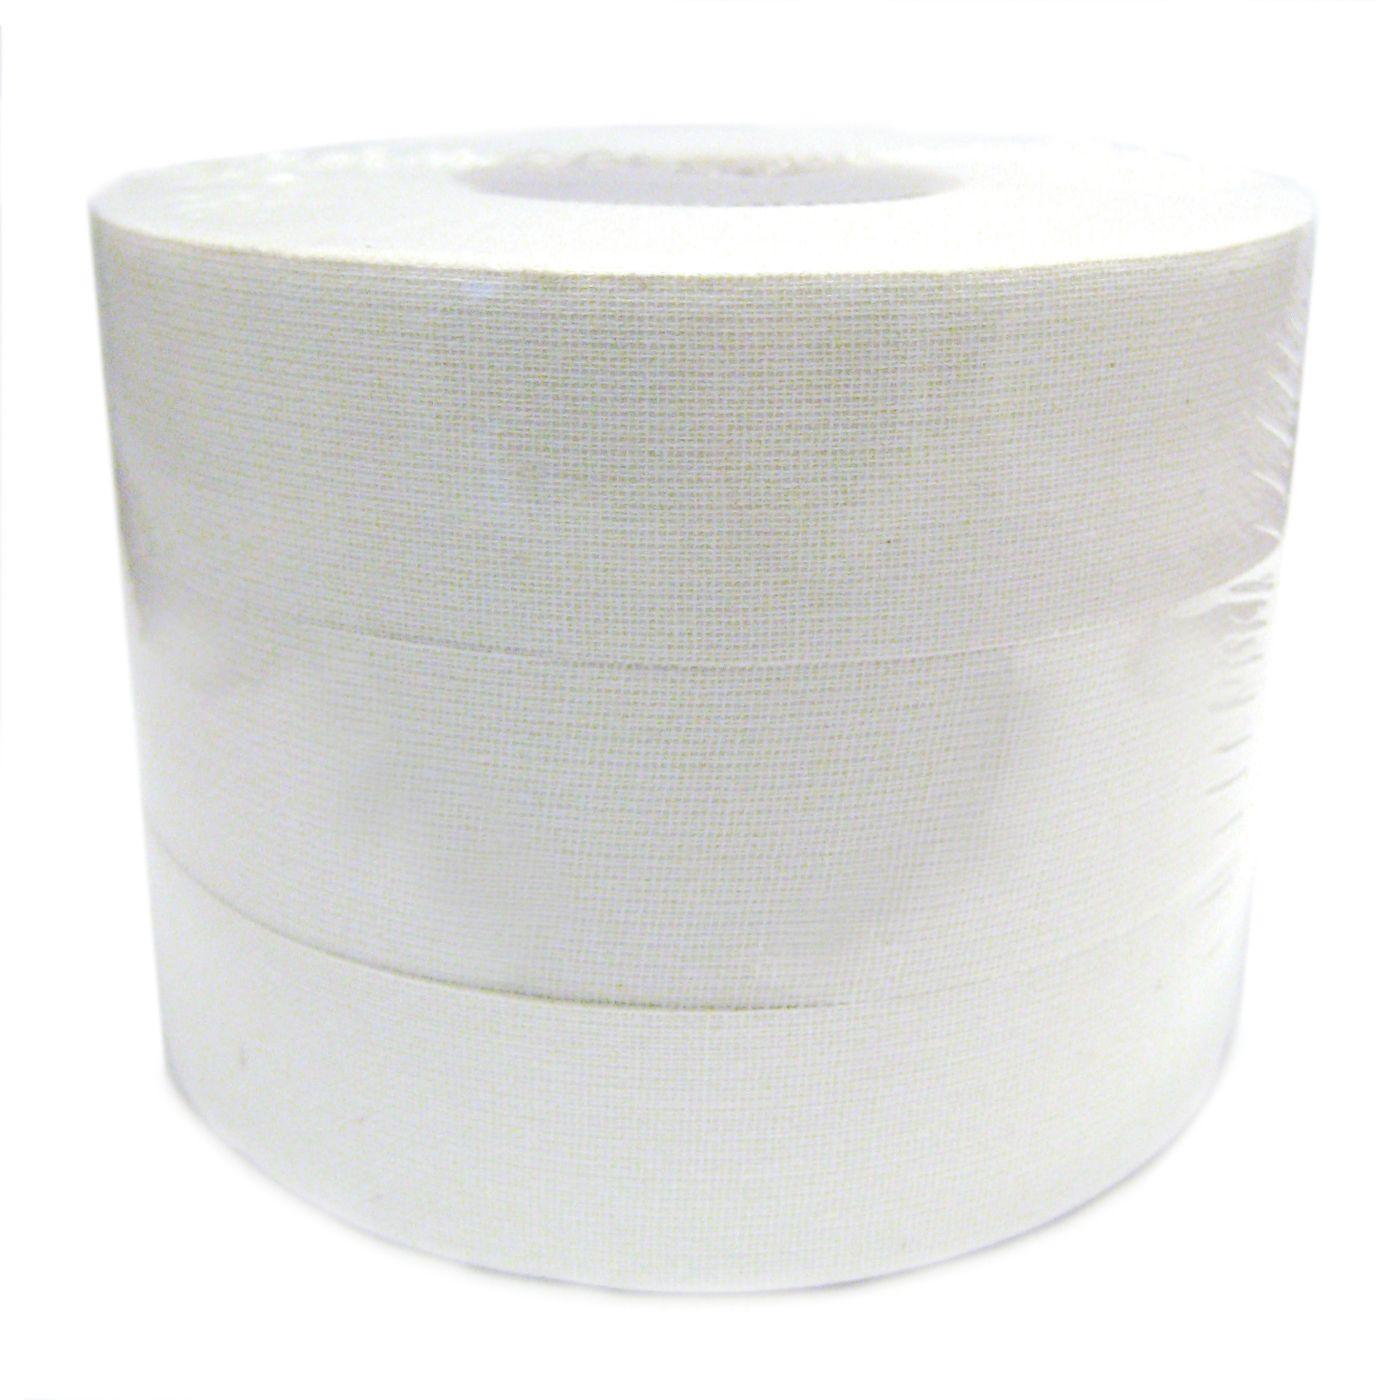 Renfrew White Hockey Tape - 3 Pack